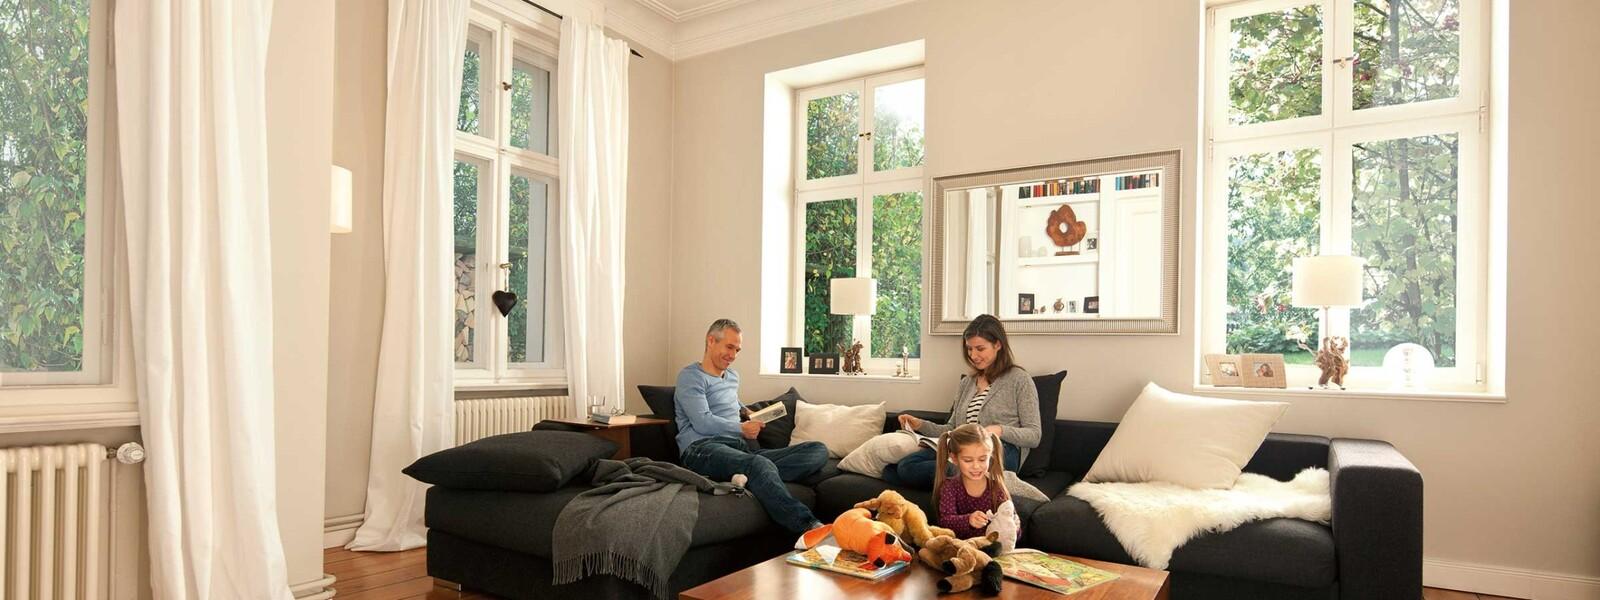 heizung erneuern modernisieren so einfach geht s vaillant. Black Bedroom Furniture Sets. Home Design Ideas